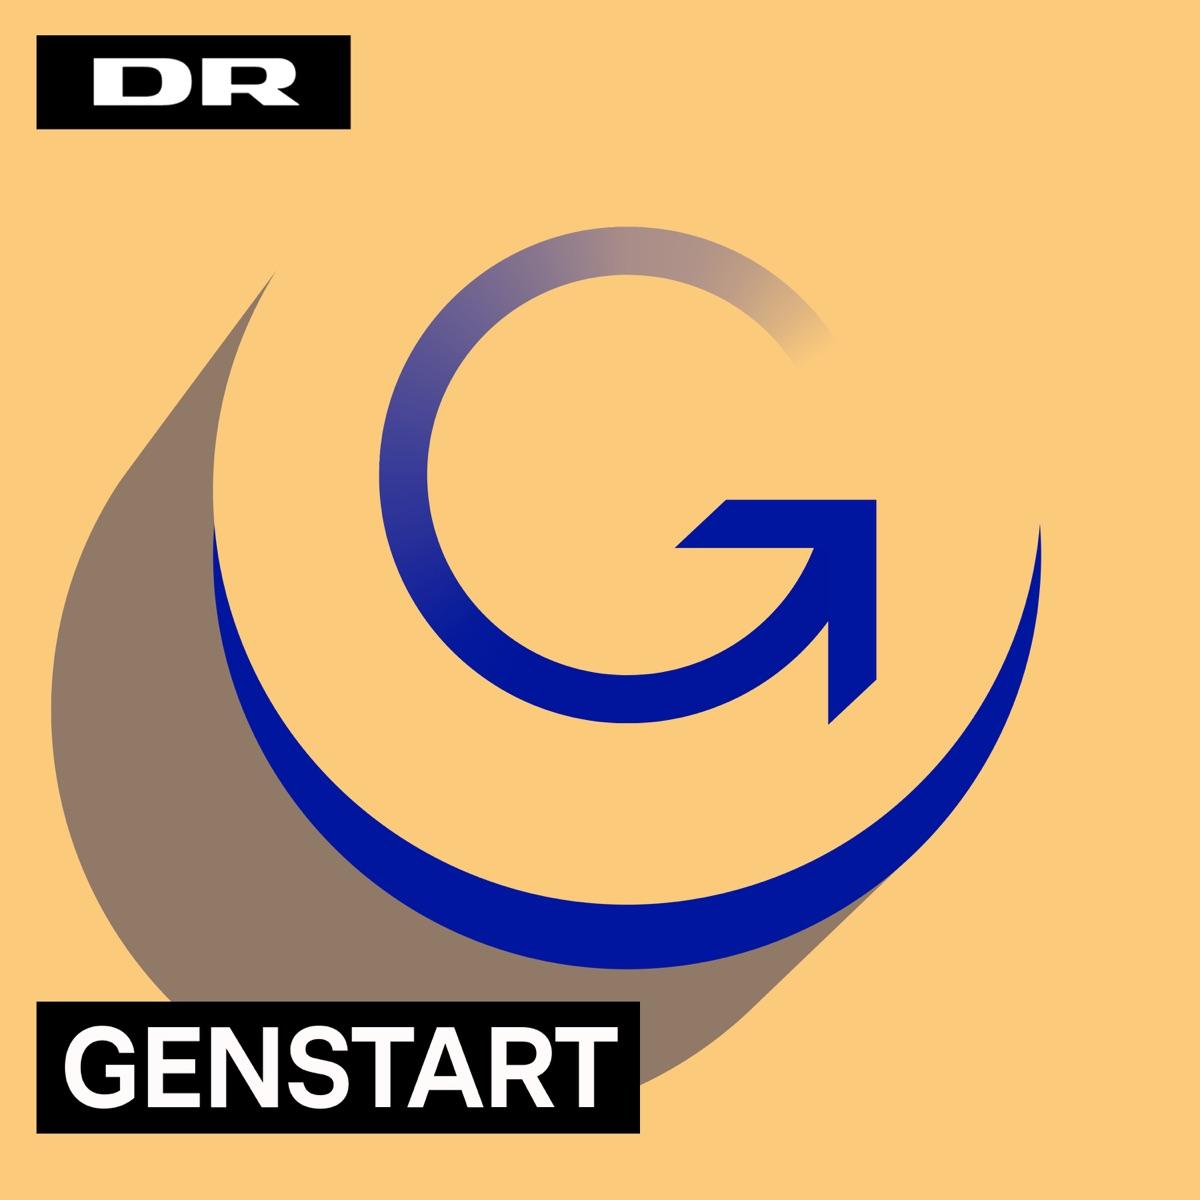 Genstart - DR's nyhedspodcast